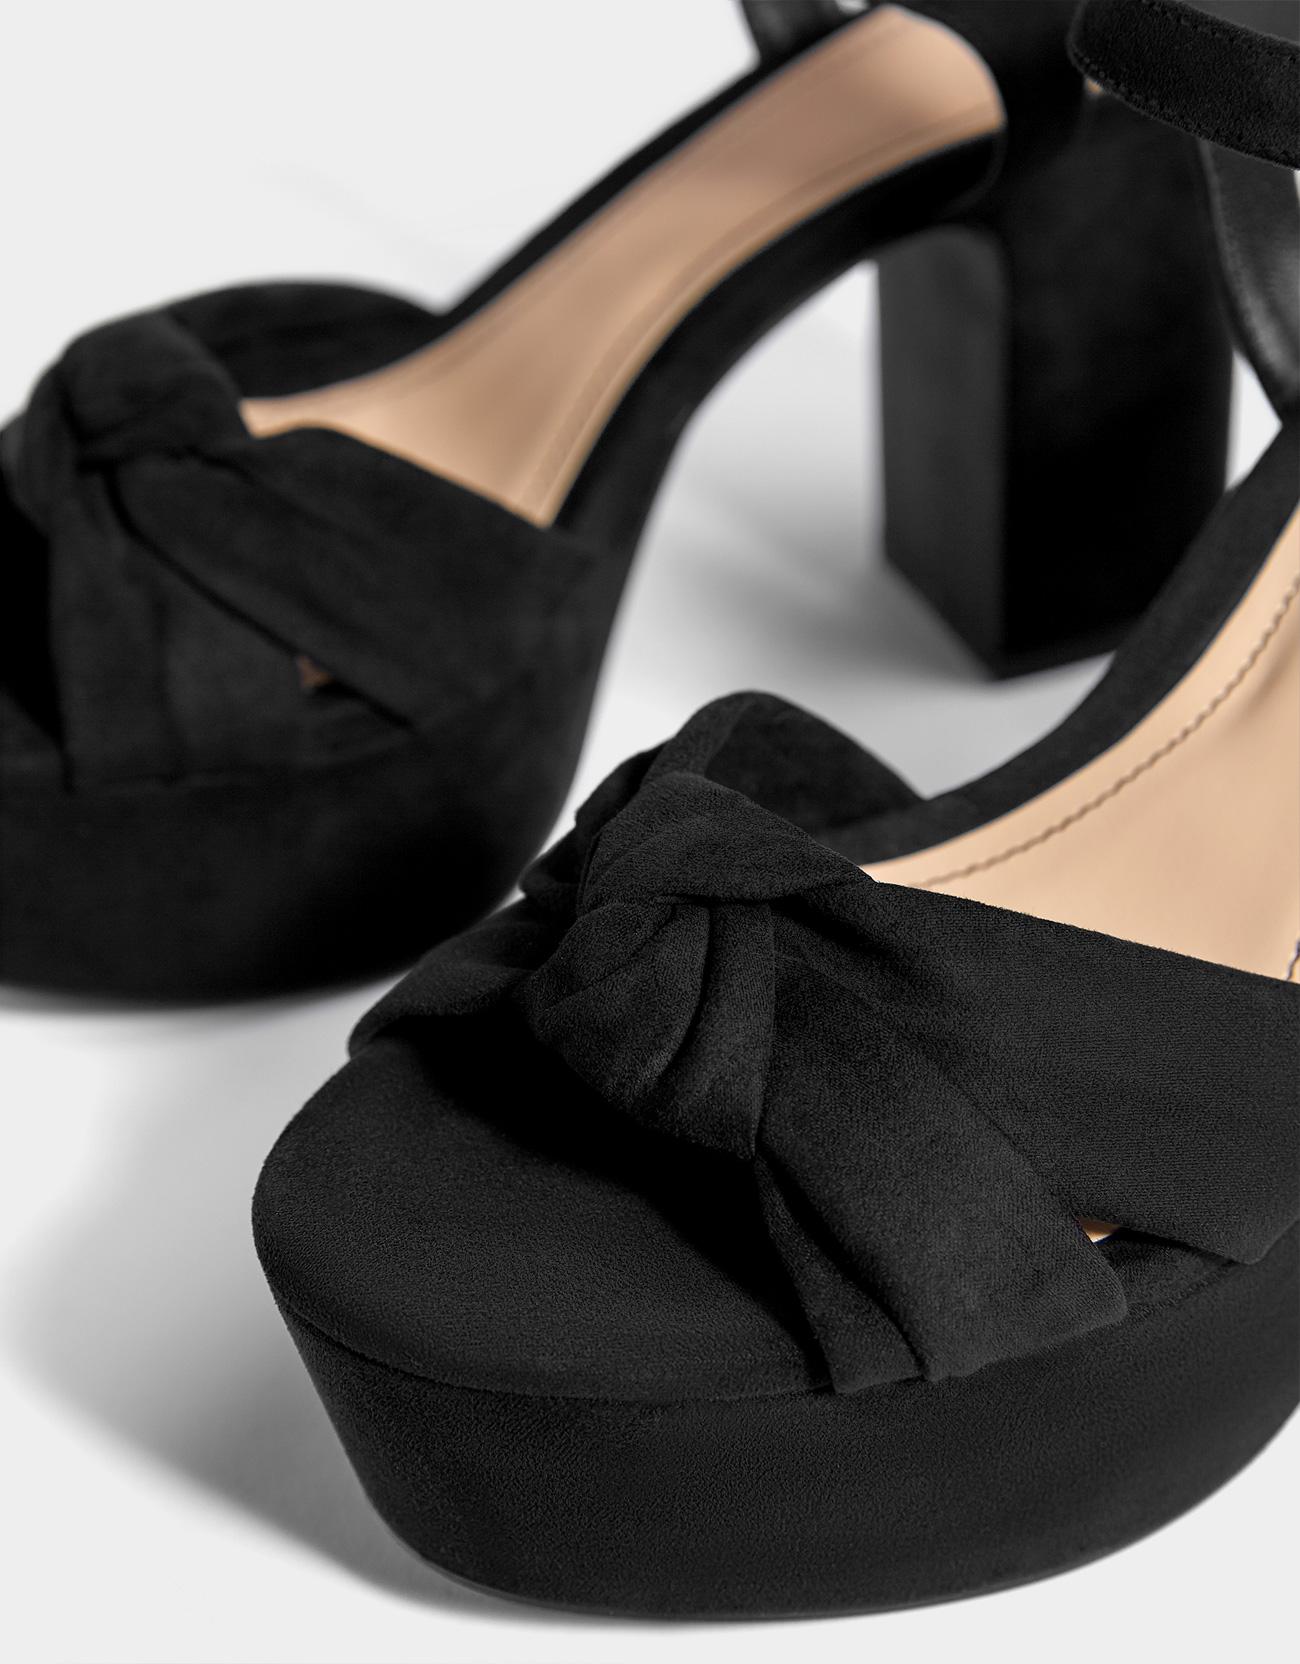 f8c5a659d7c High heel platform sandals - Flat Sandals - Bershka Ecuador